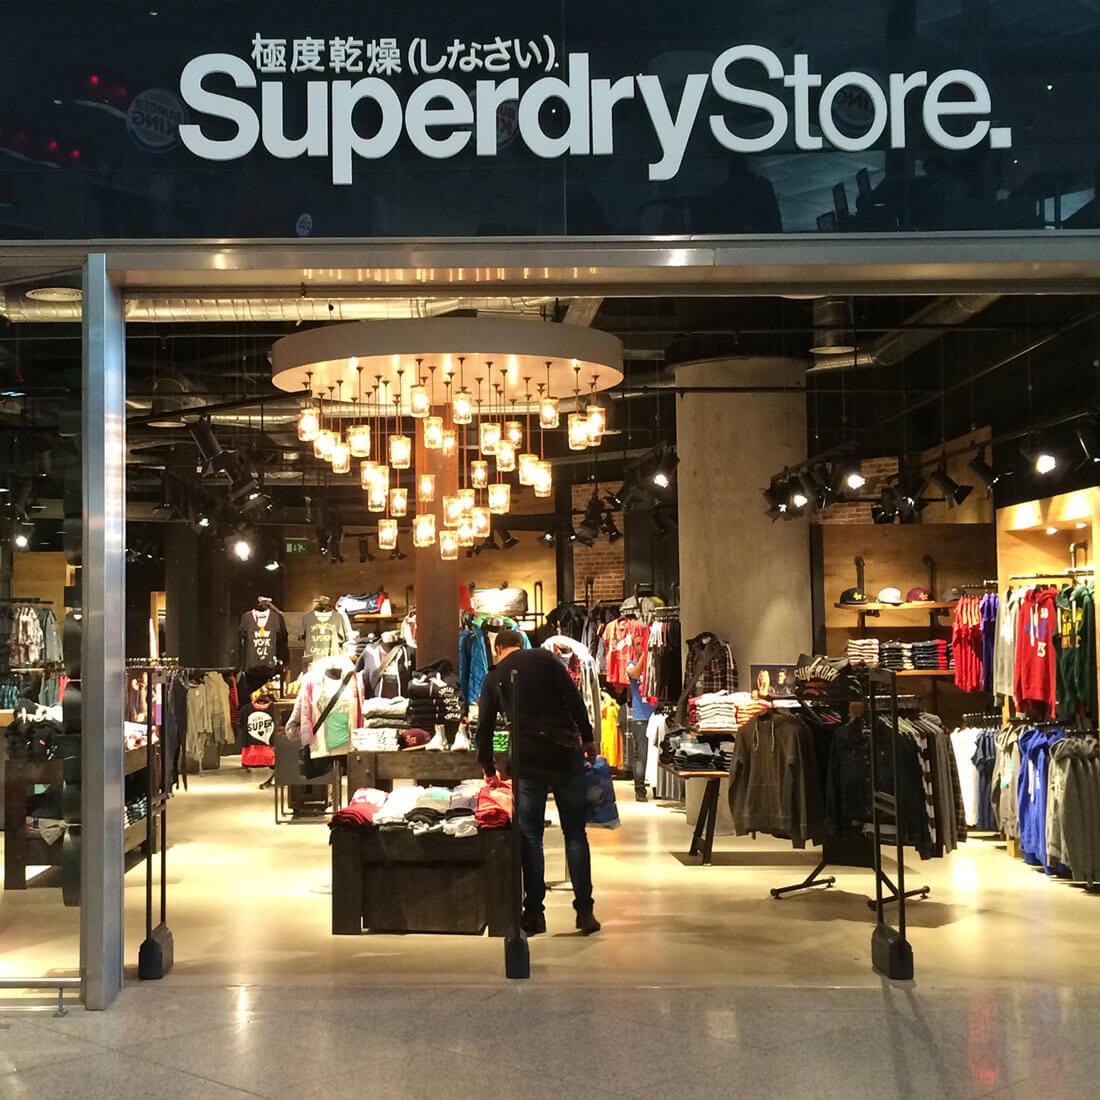 Fugrup-superdry-tienda-diseño de interiores para una tienda de ropa